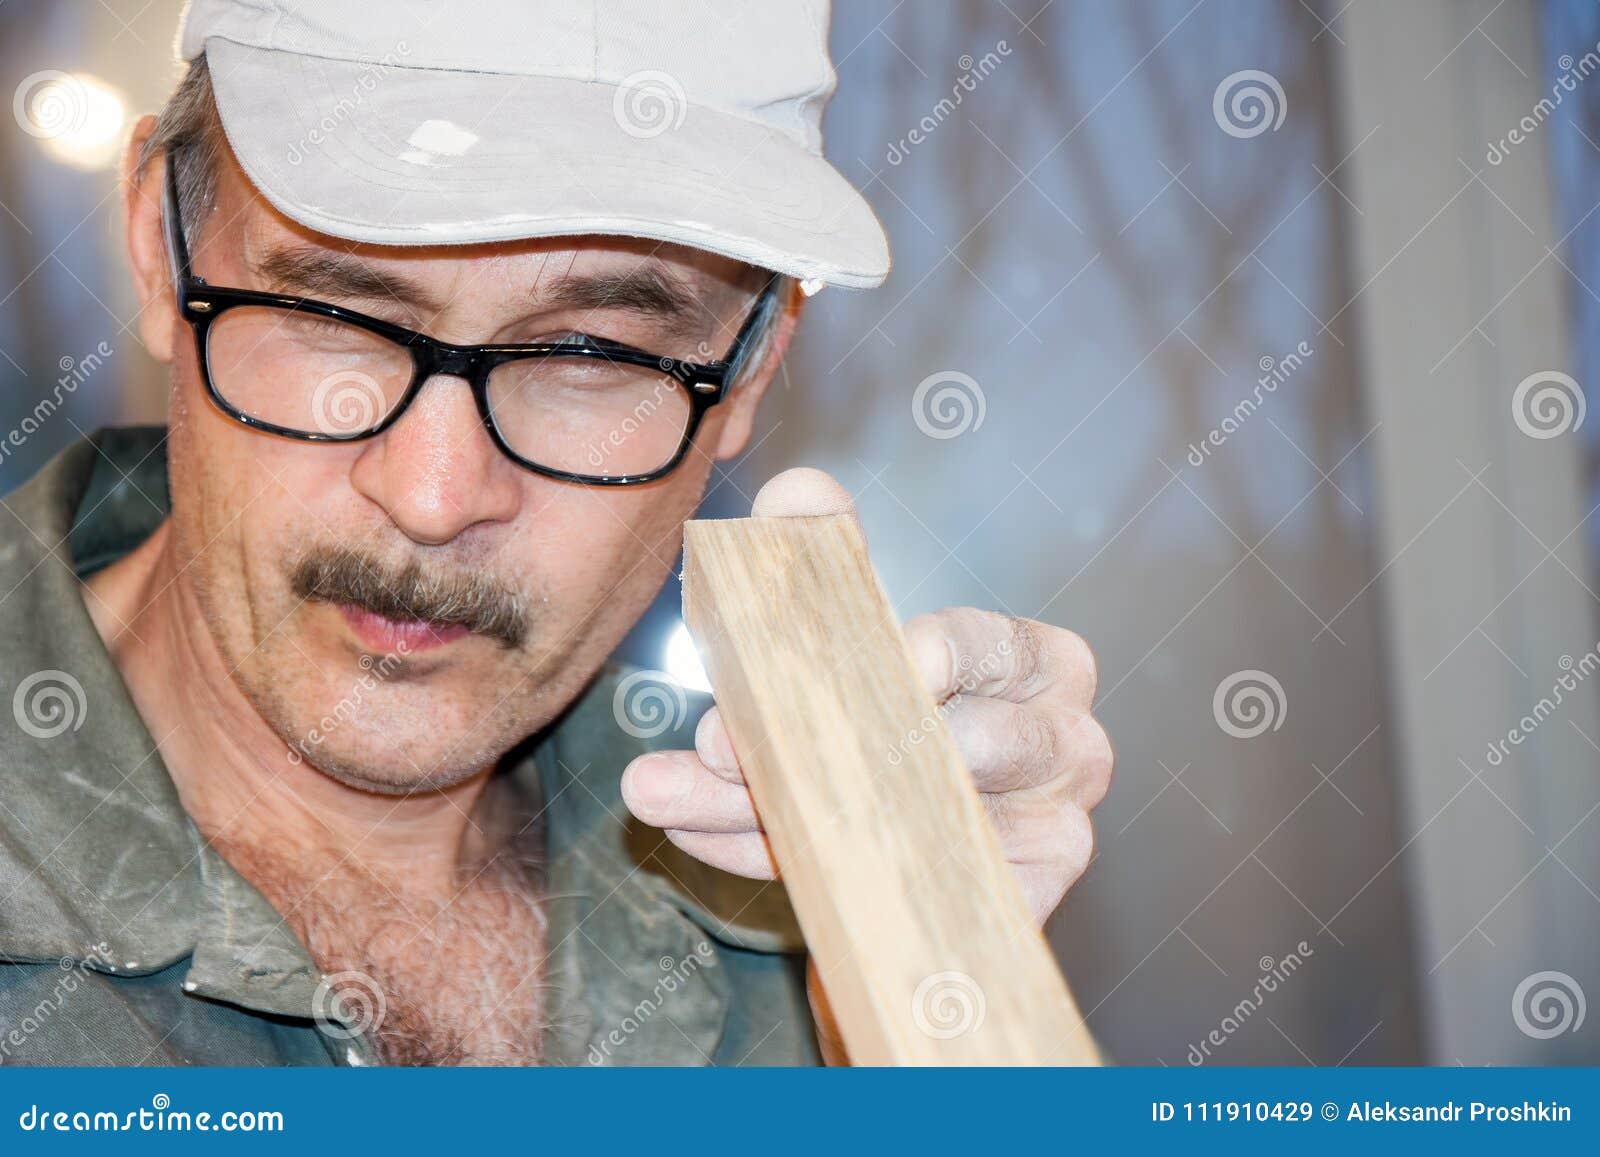 Carpenter checks the Board